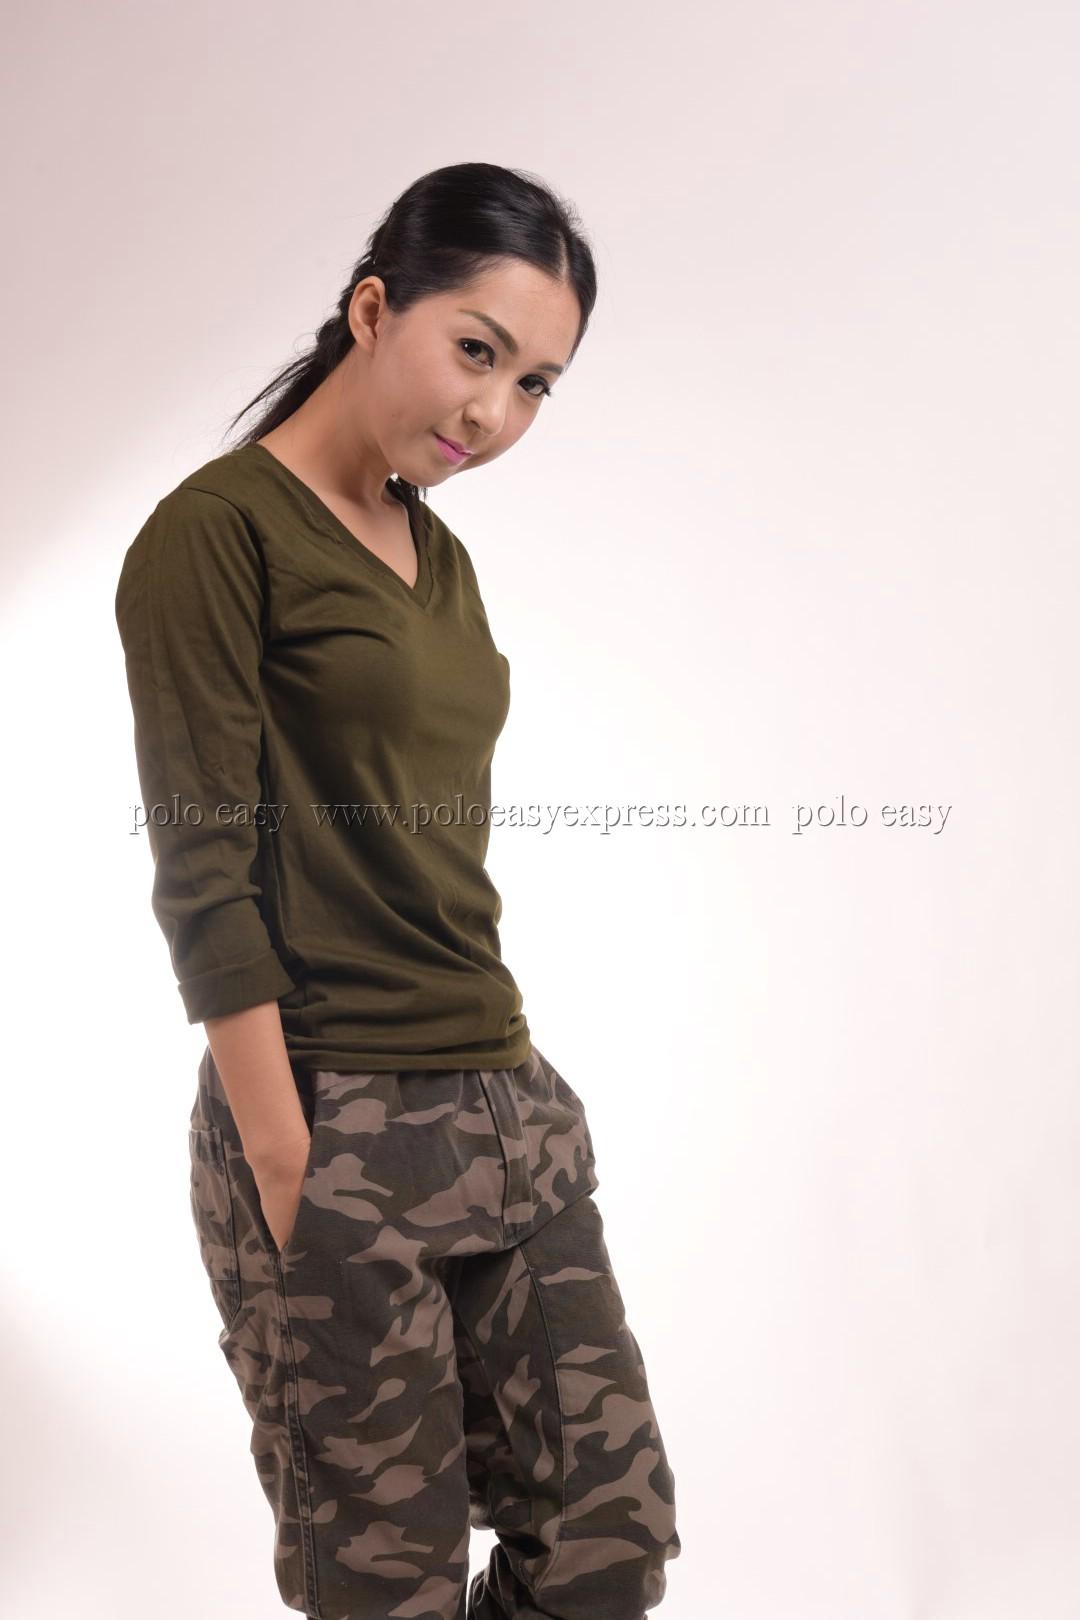 เสื้อยืด สีเขียวขี้ม้า คอวี แขนยาว Size M สำเนา